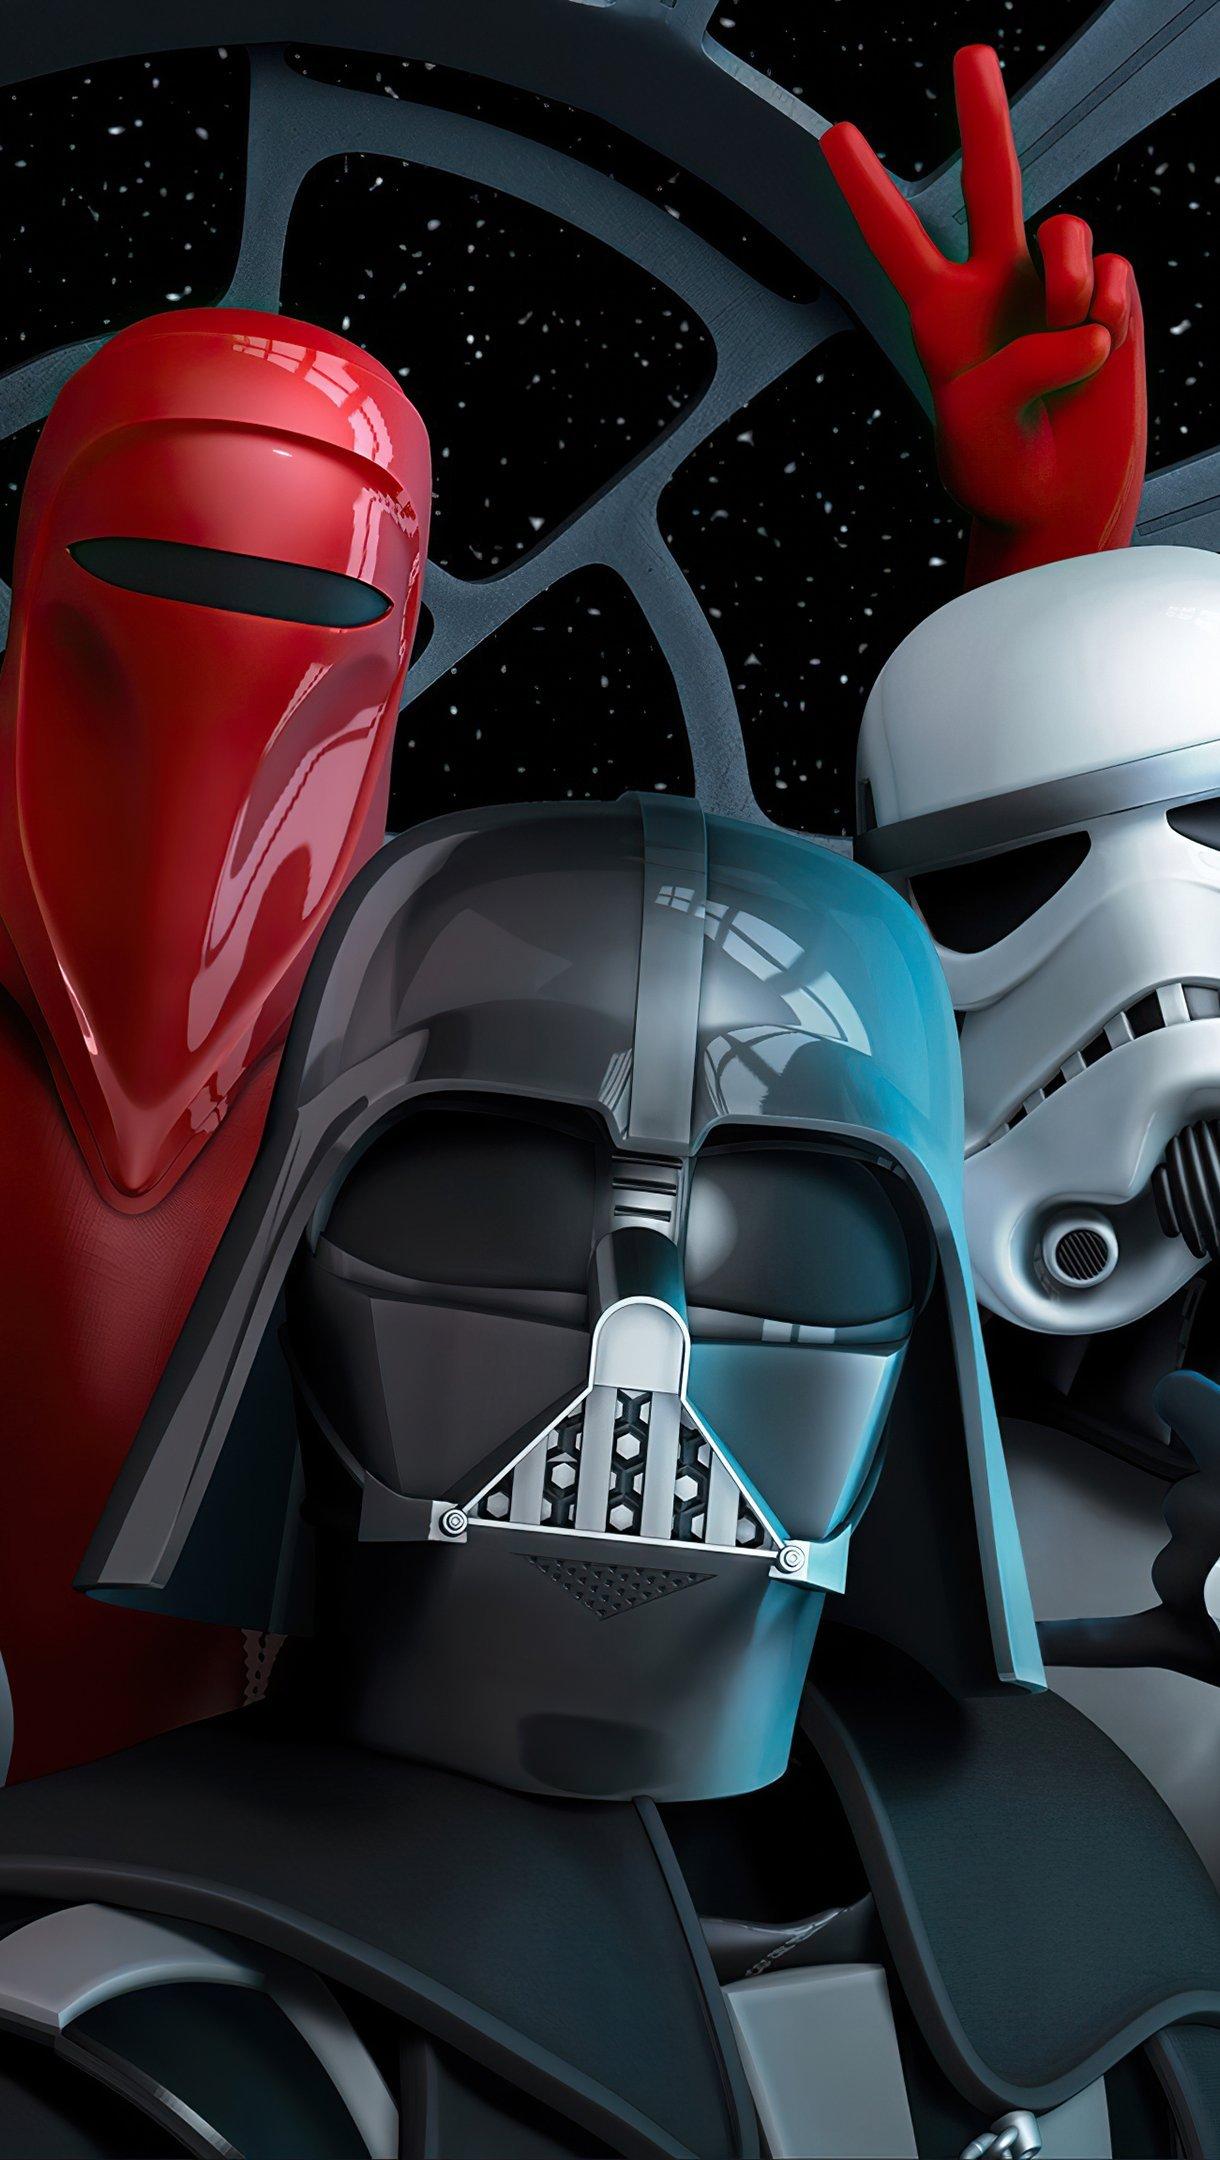 Fondos de pantalla Selfie de Star Wars Venganza de los cinco Vertical